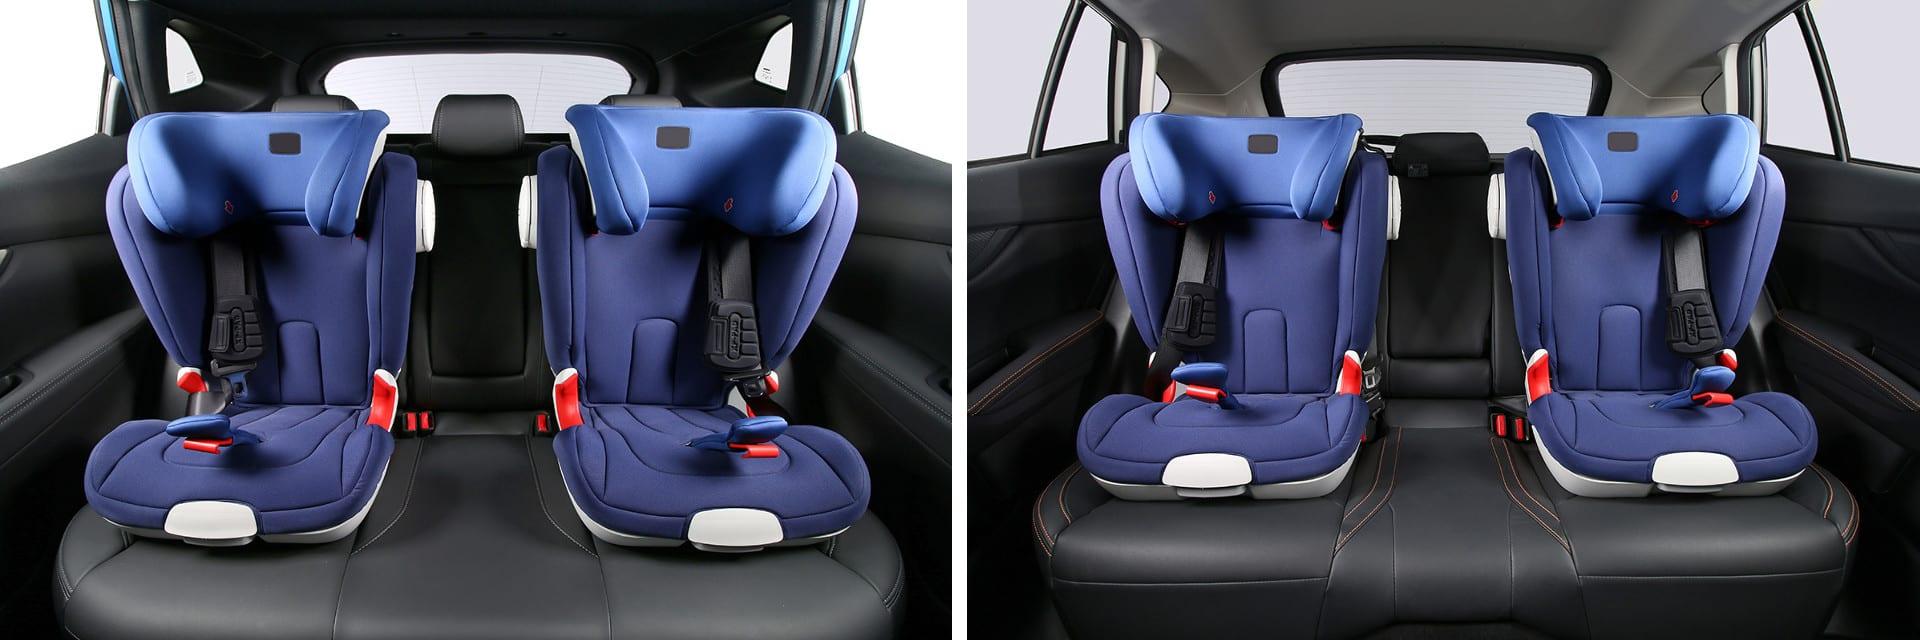 Tanto en el Nissan Qashqai (izq.) como en el Subaru XV (dcha.) es posible instalar hasta dos sillas para bebés en la parte trasera.